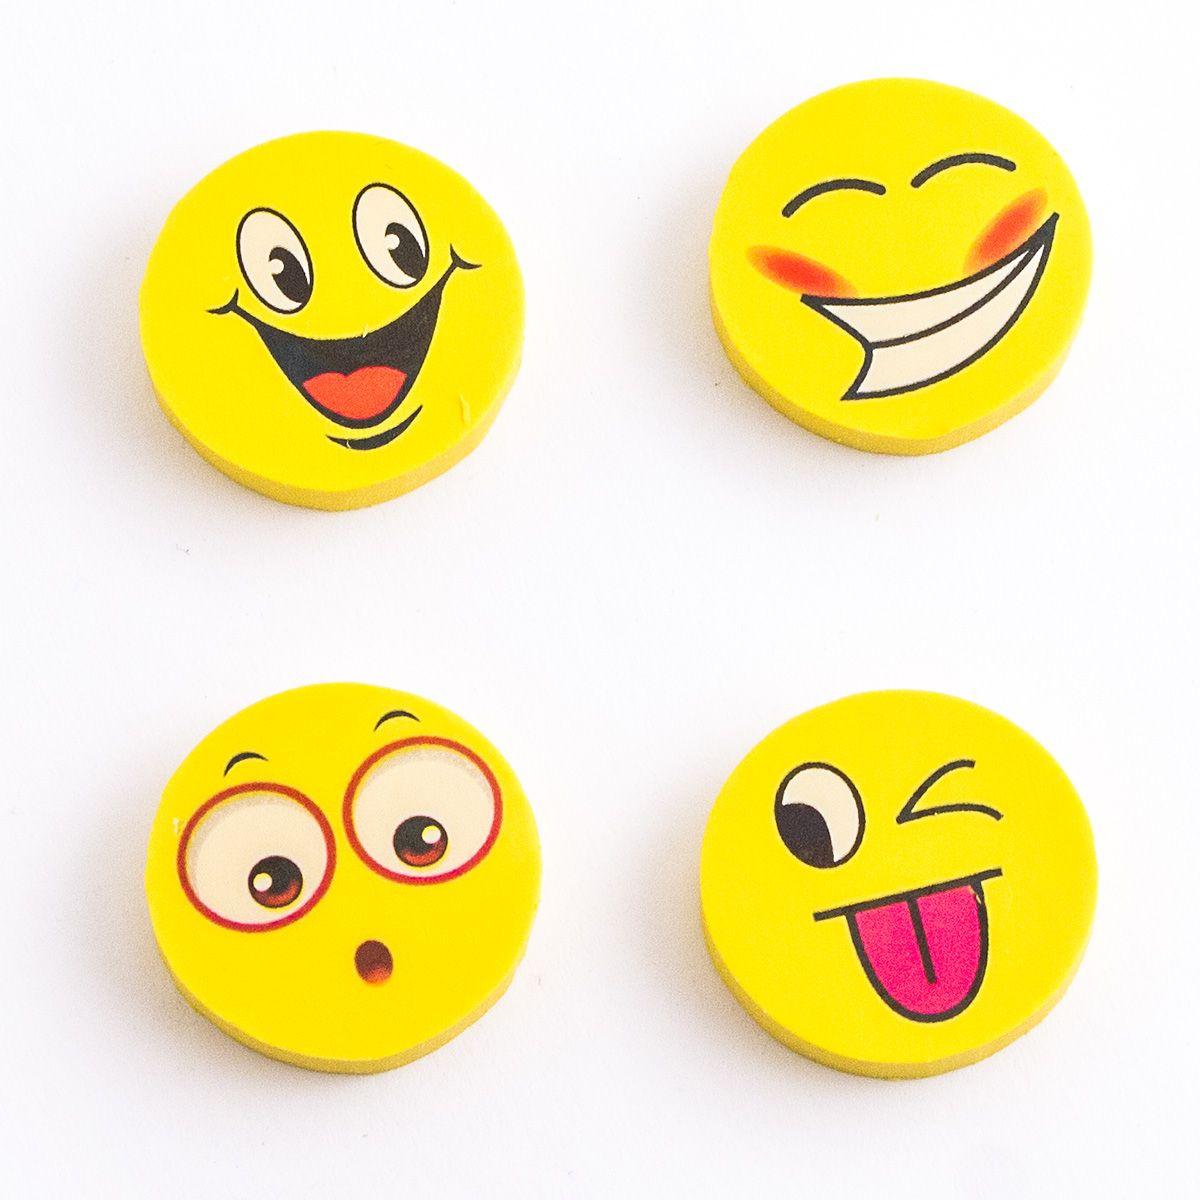 Эврика Набор ластиков Смайлы 4 шт98673Нескучная канцелярия. Забавные смеющиеся рожицы – смайлы сделают самую трудную работу гораздо веселее, порадуют и совсем маленьких художников и тех, кто постарше. В комплекте 4 ластика, упакованных в слюдяной пакет. Не рекомендовано детям младше 3-х лет. Материал: резина. Рекомендуем покупать кратно 36 шт